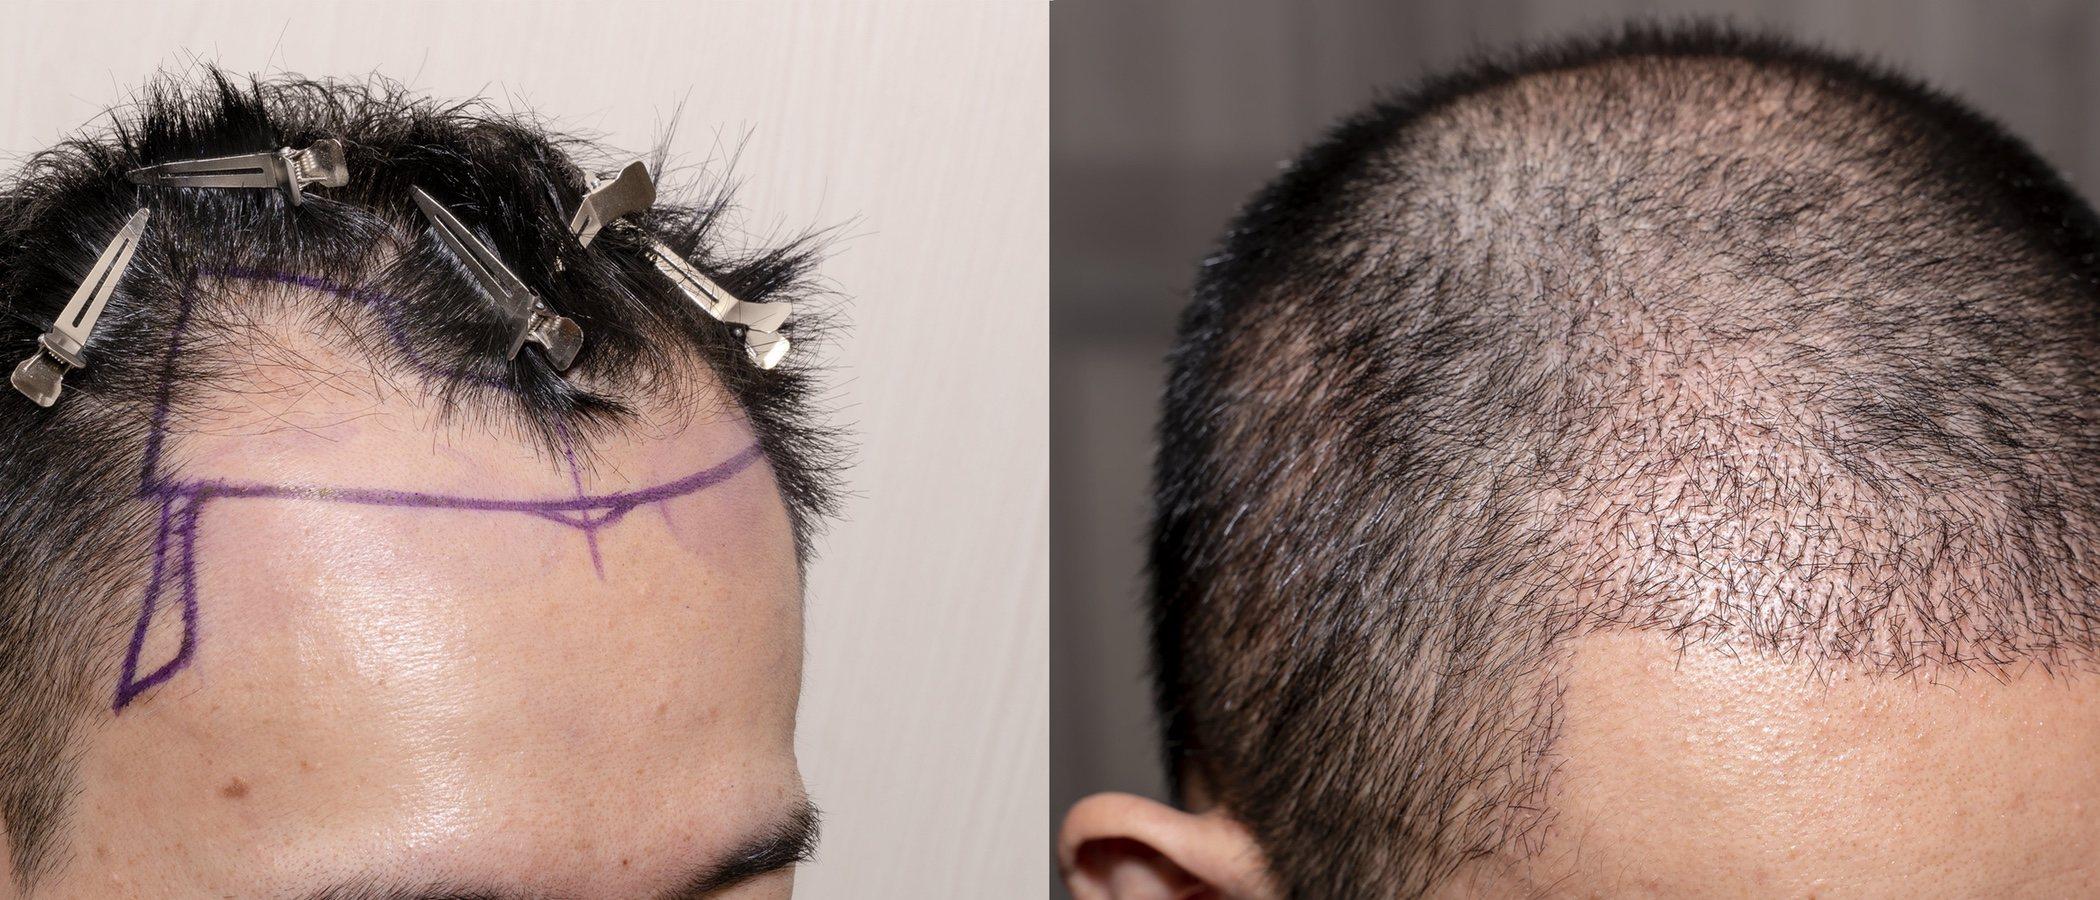 ¿Qué inconvenientes tiene el injerto de pelo?